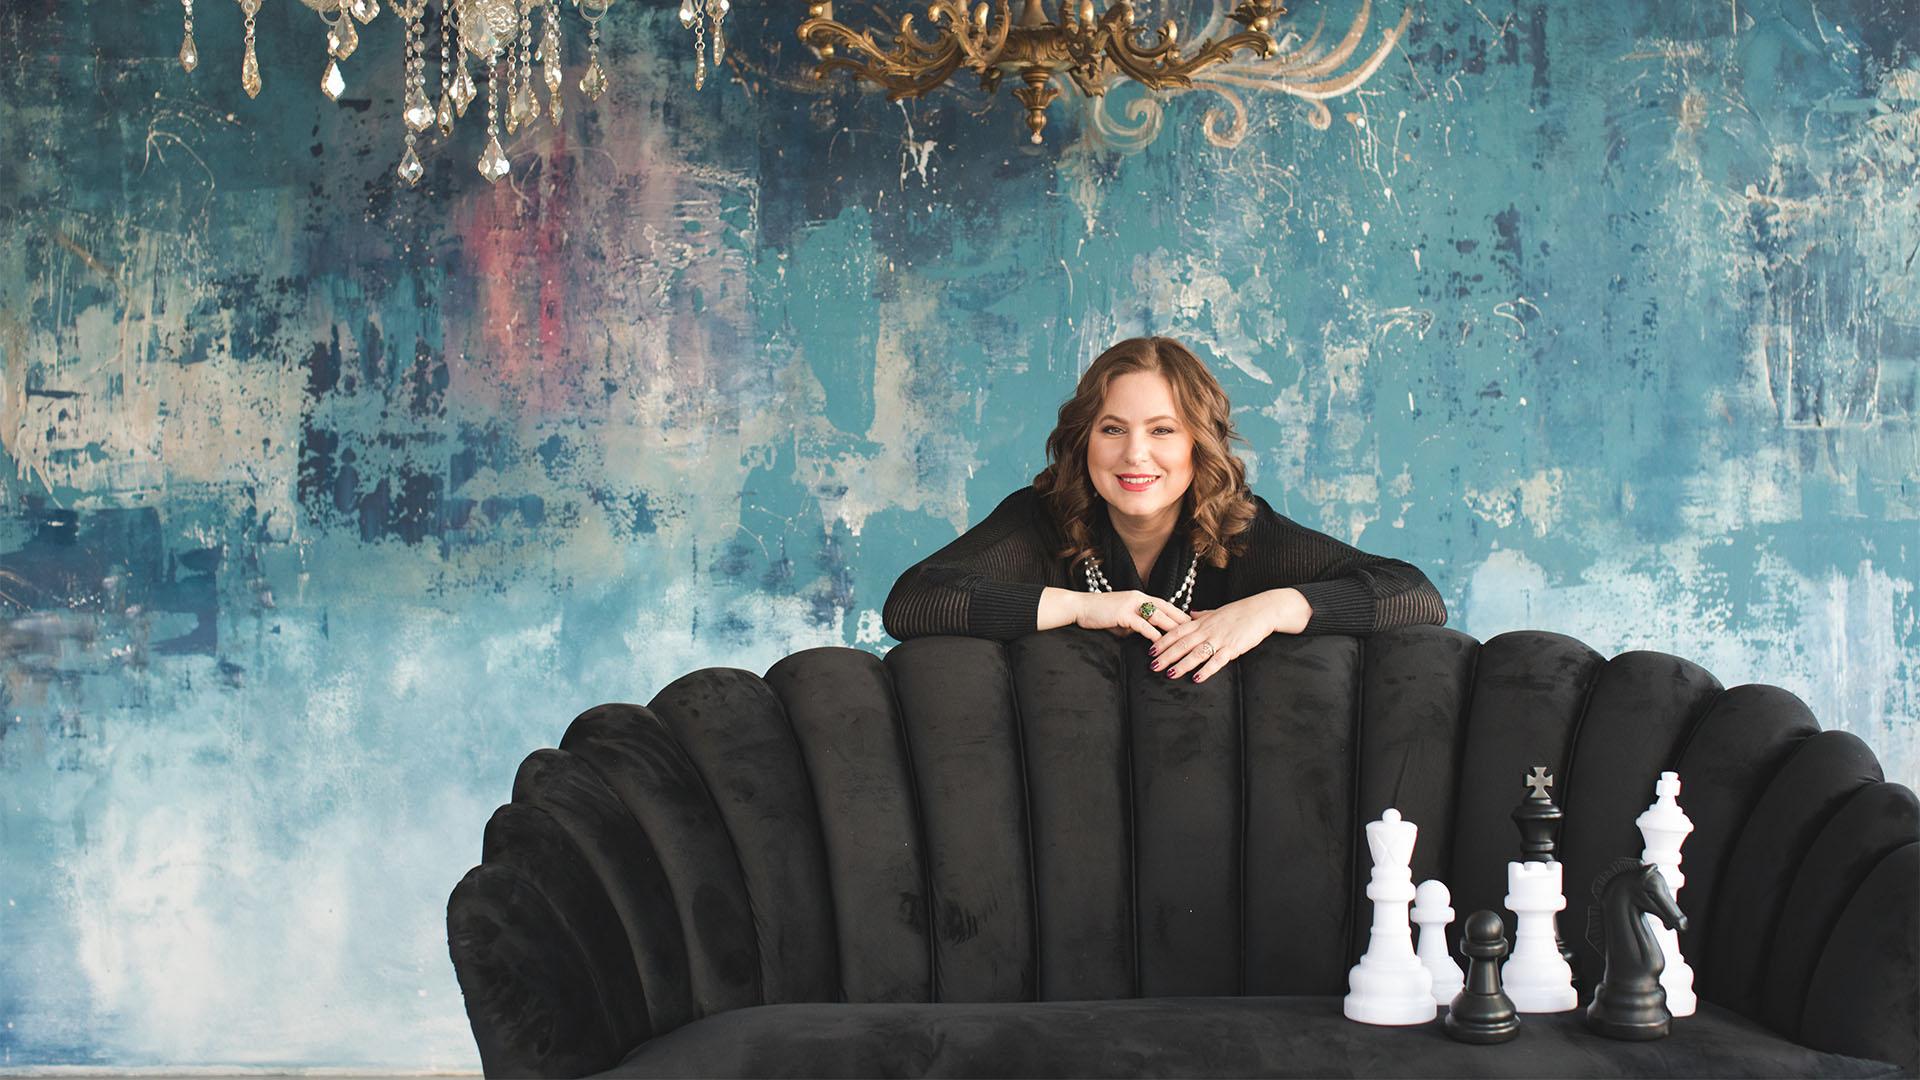 gondolkodás fejlesztése kamaszkor komplex gondolkodás nemzeti alaptanterv női sakkozó páhy anna polgár judit problémamegoldó képesség sakk sakkpalota program sport sportdiplomata versenyzőalkat